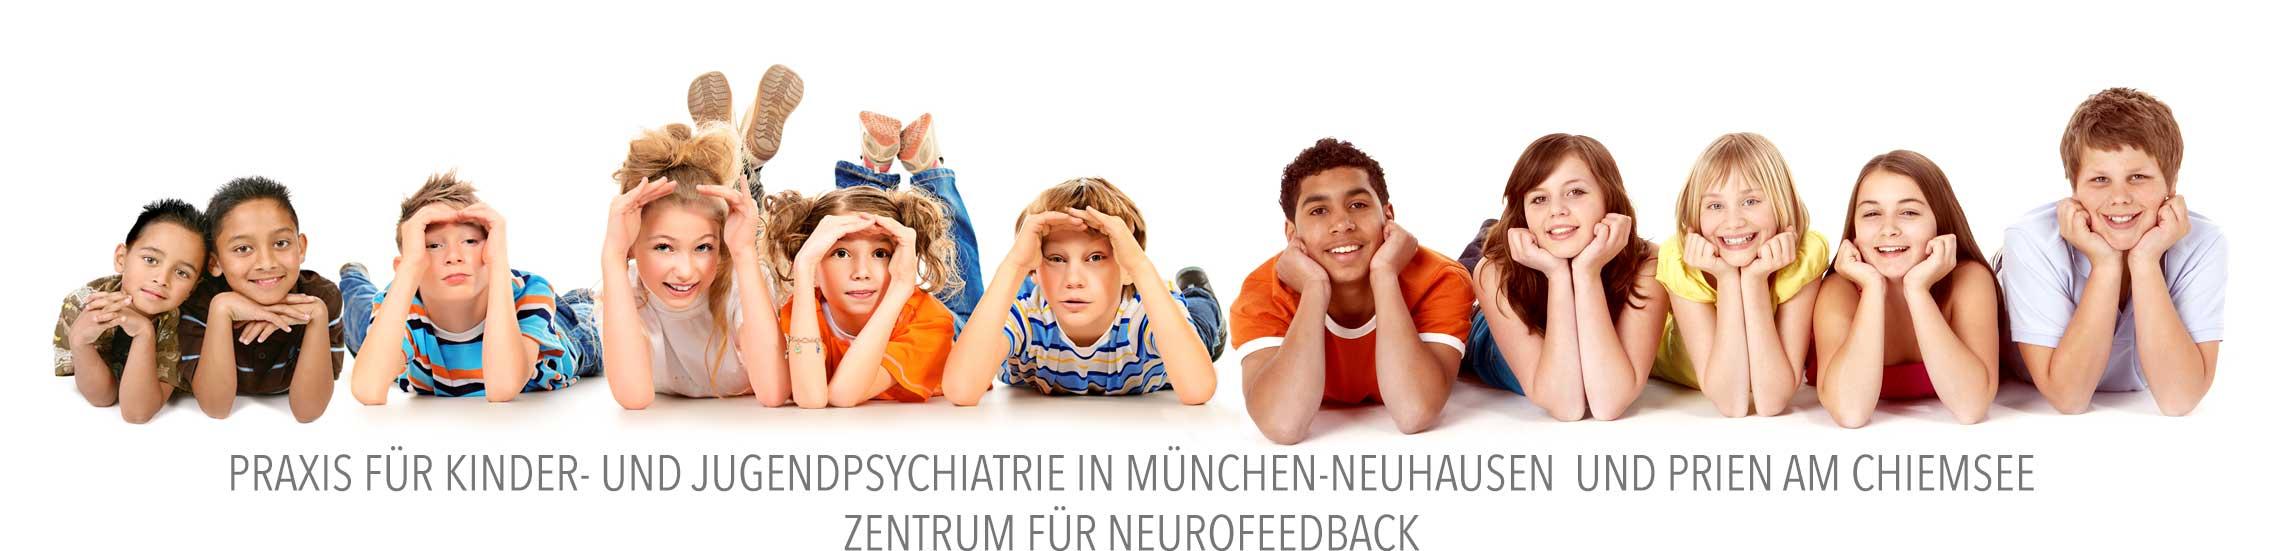 PRAXIS FÜR KINDER- UND JUGENDPSYCHIATRIE IN MÜNCHEN-NEUHAUSEN UND PRIEN AM CHIEMSEE ZENTRUM FÜR NEUROFEEDBACK